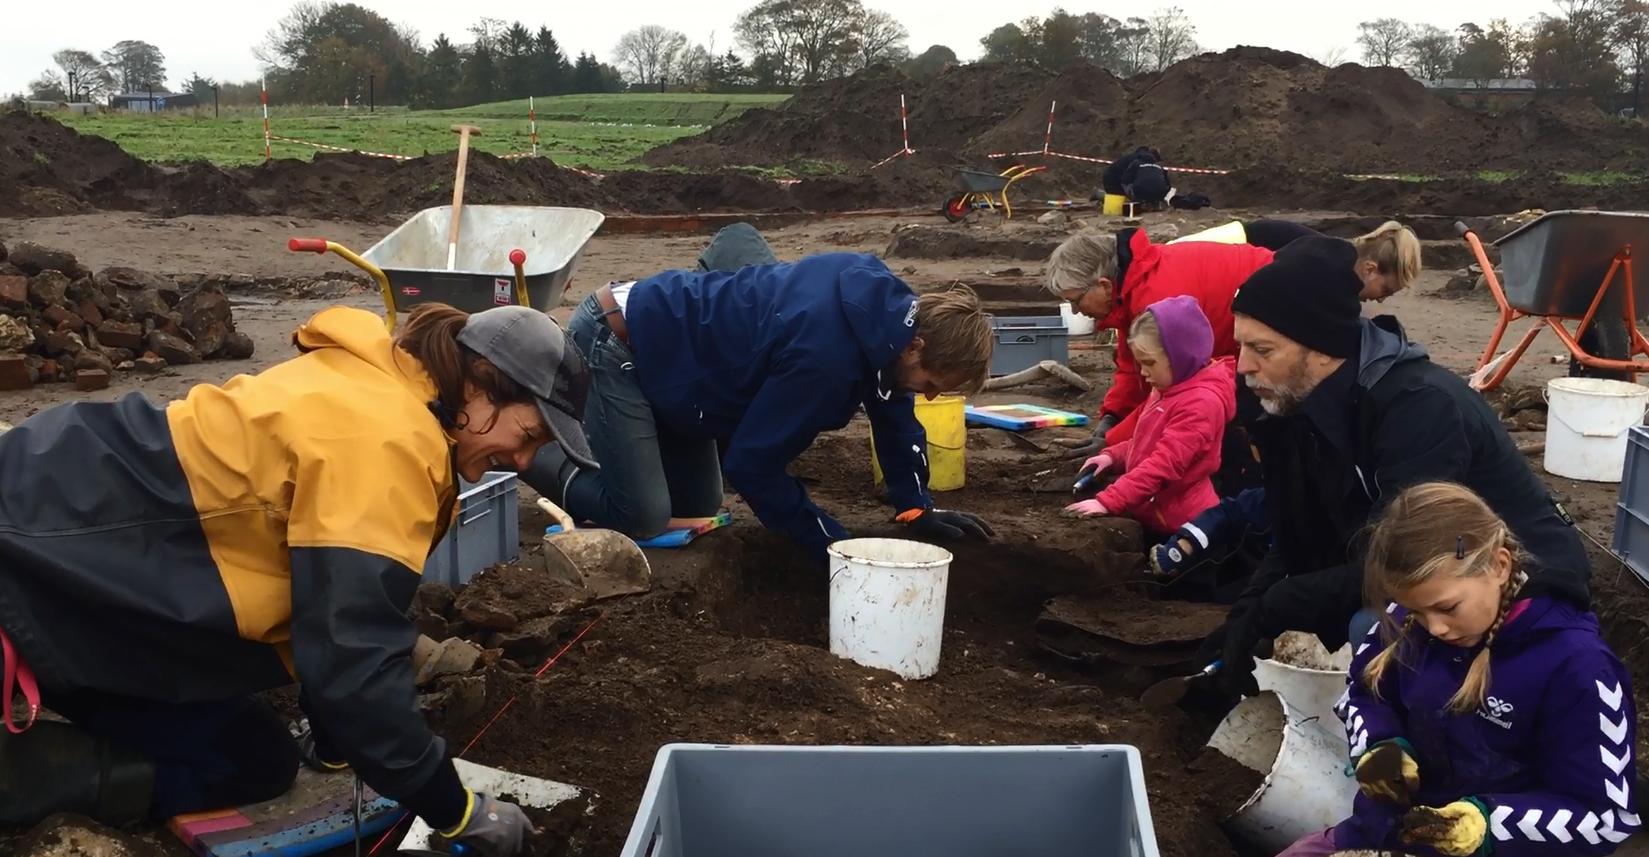 udgravning  folkeudgravning arkæologer kildebjerg ry